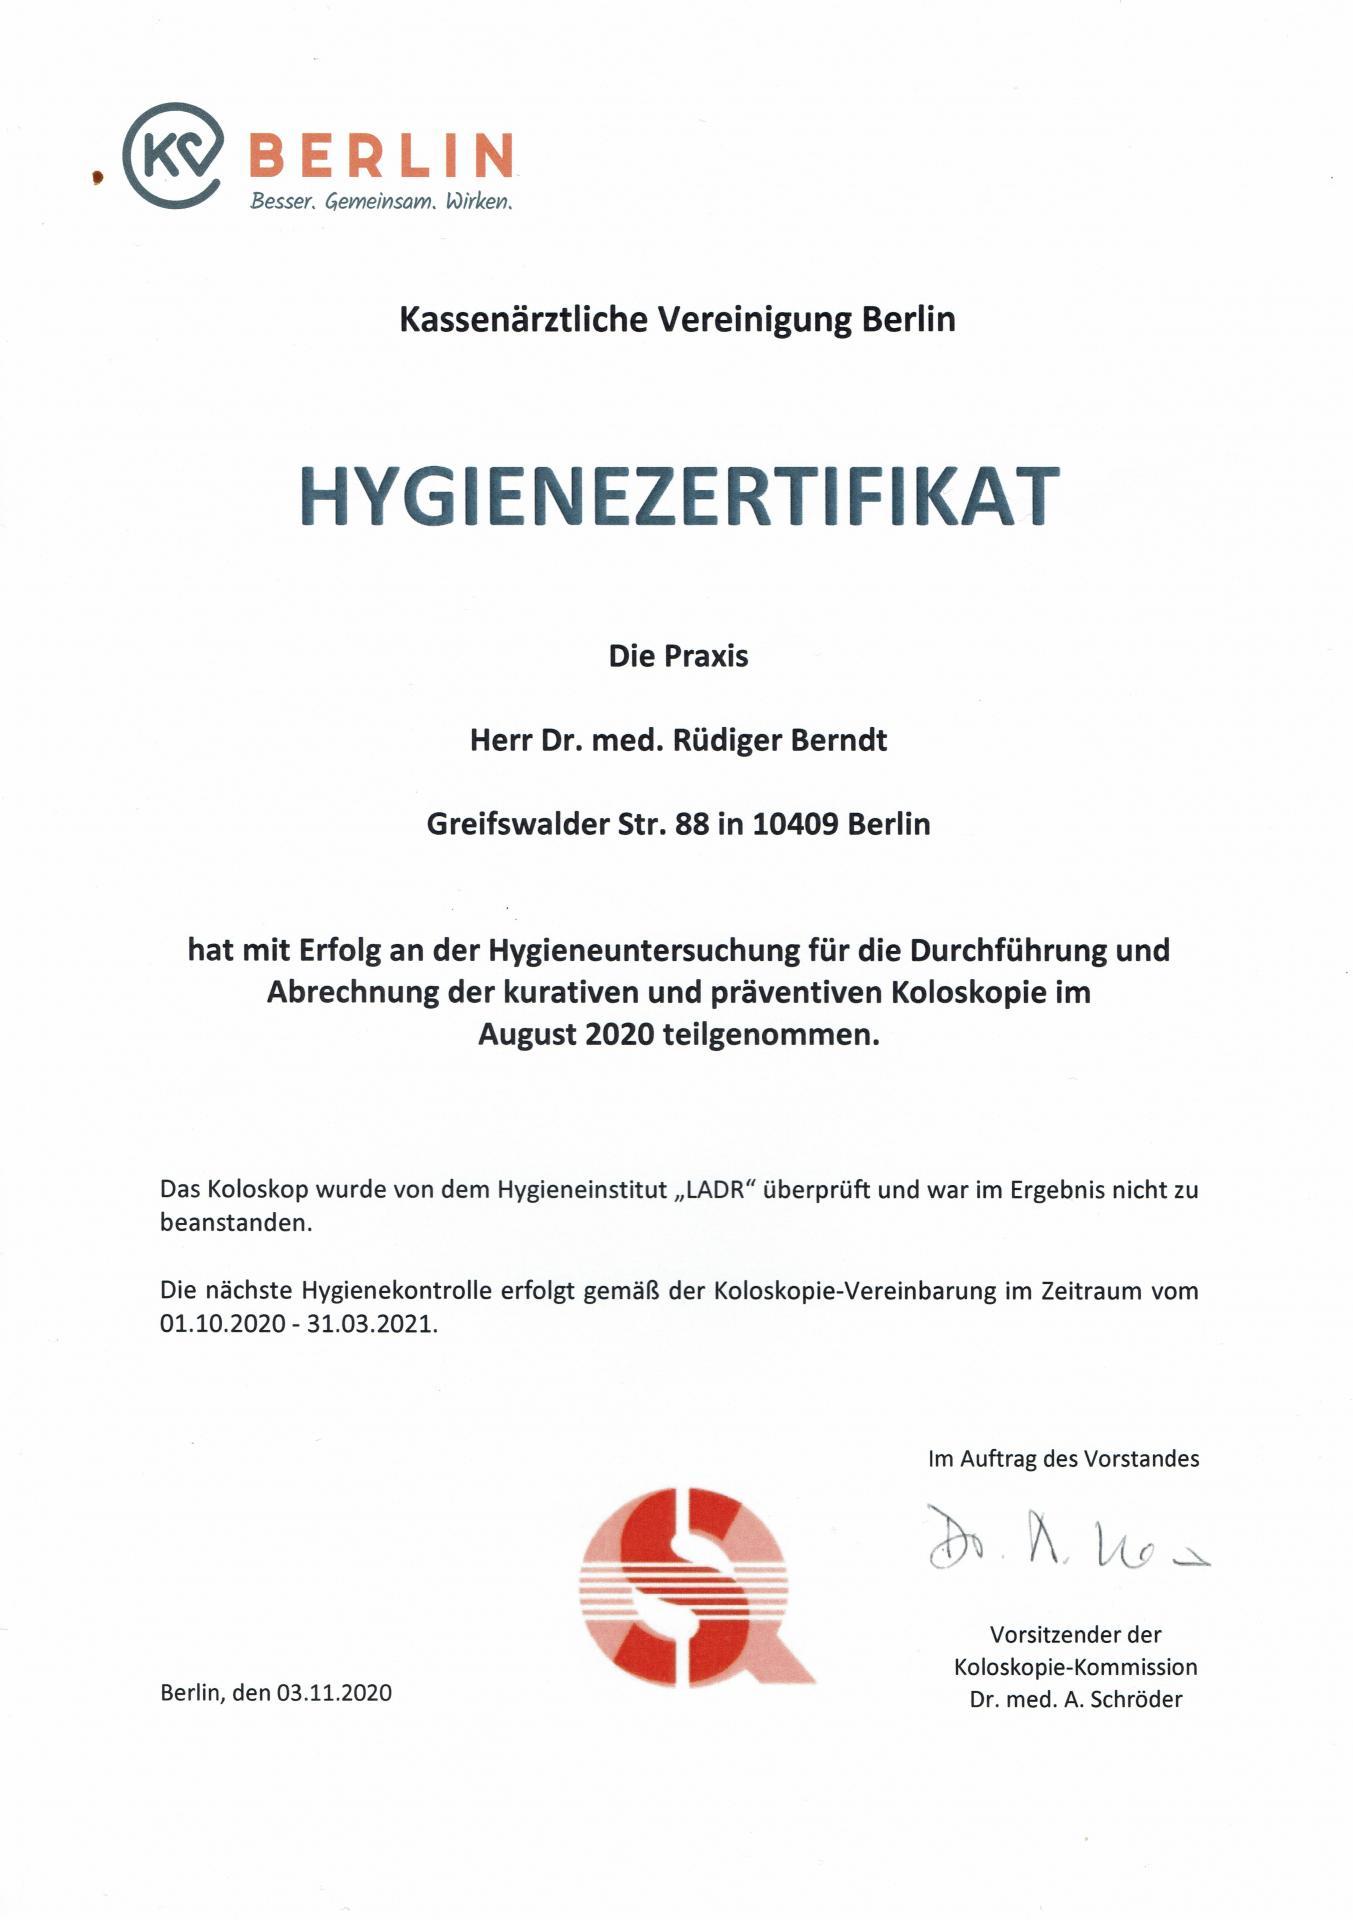 Hygiene-Zertifikat_11_2020